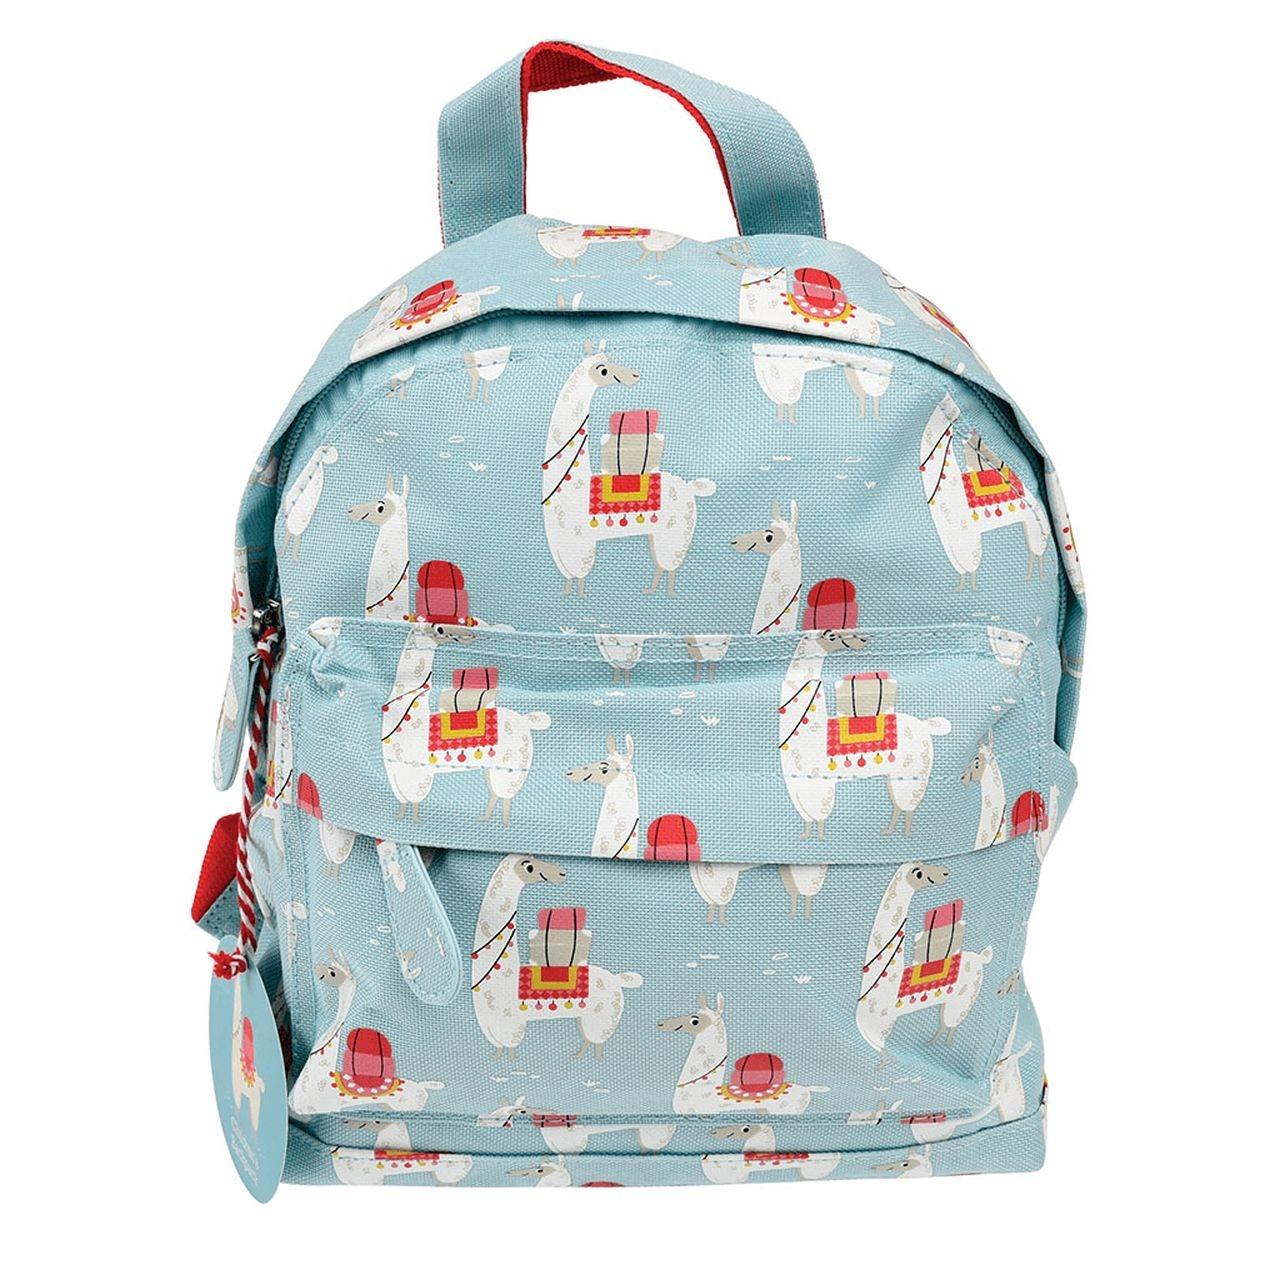 a5a8c512bea43 Kinderrucksack und Taschen online kaufen